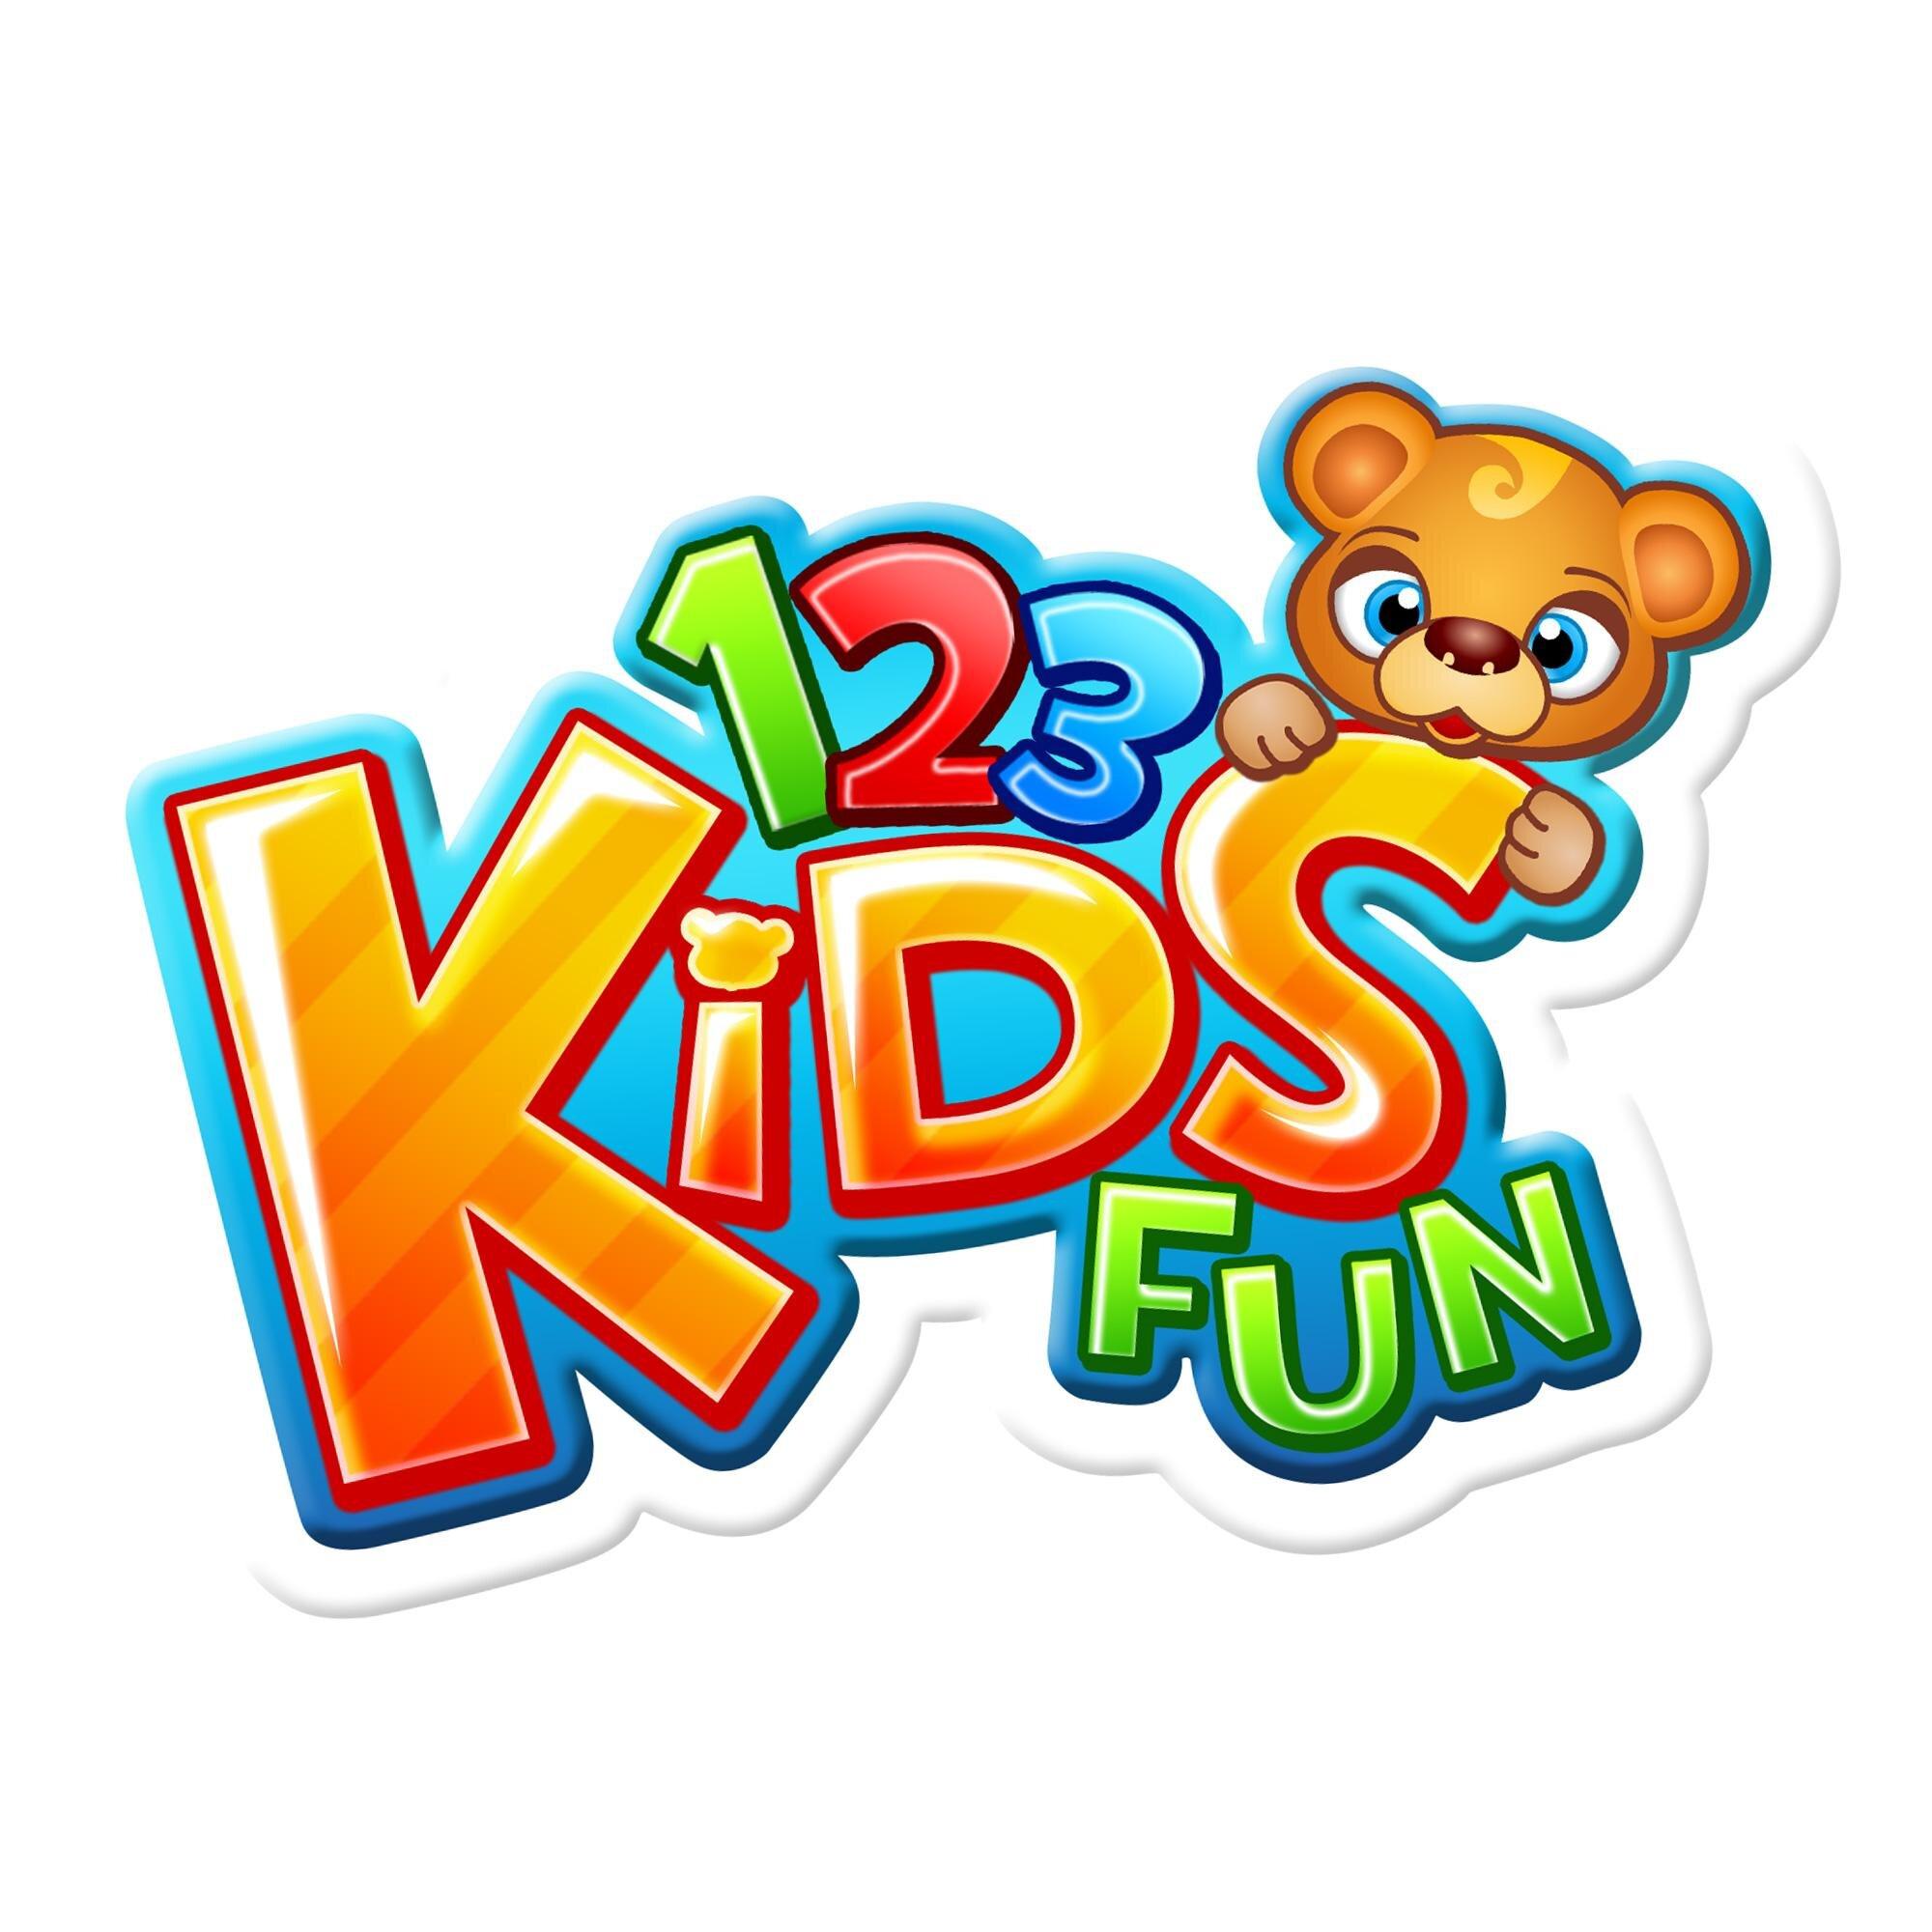 123 Kids Fun Apps 123kidsfunapps